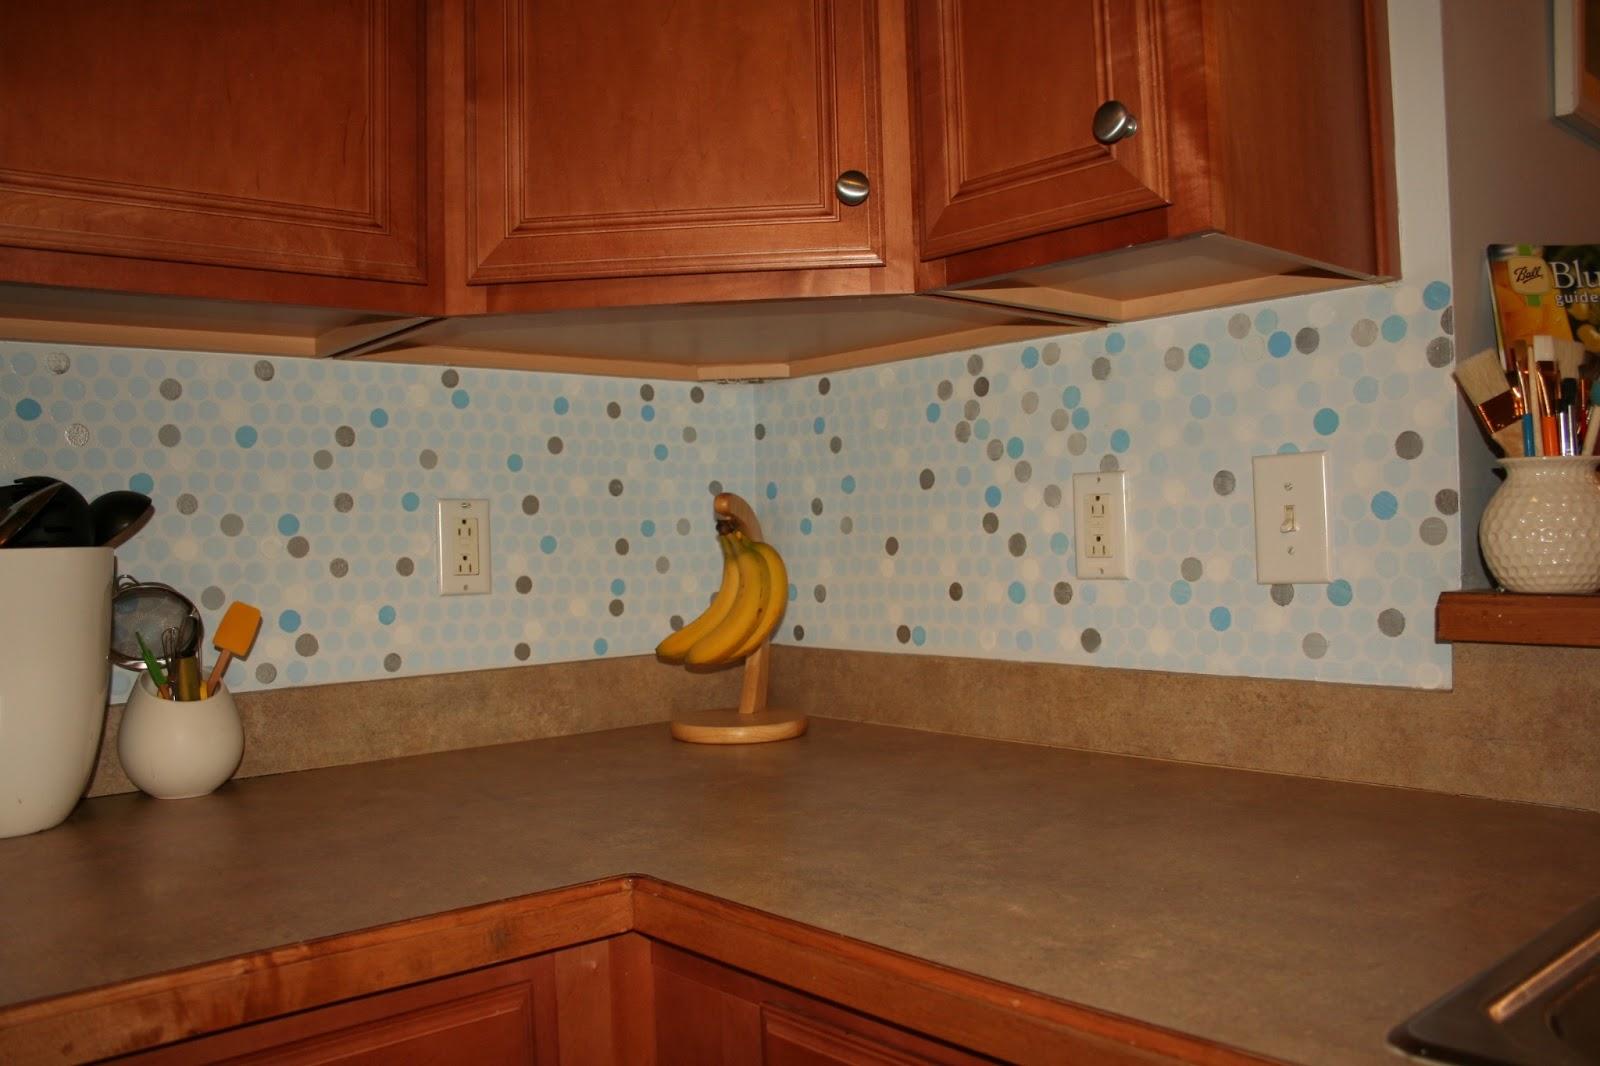 Vinyl Kitchen Backsplash Vinyl Wallpaper For Kitchen Backsplash